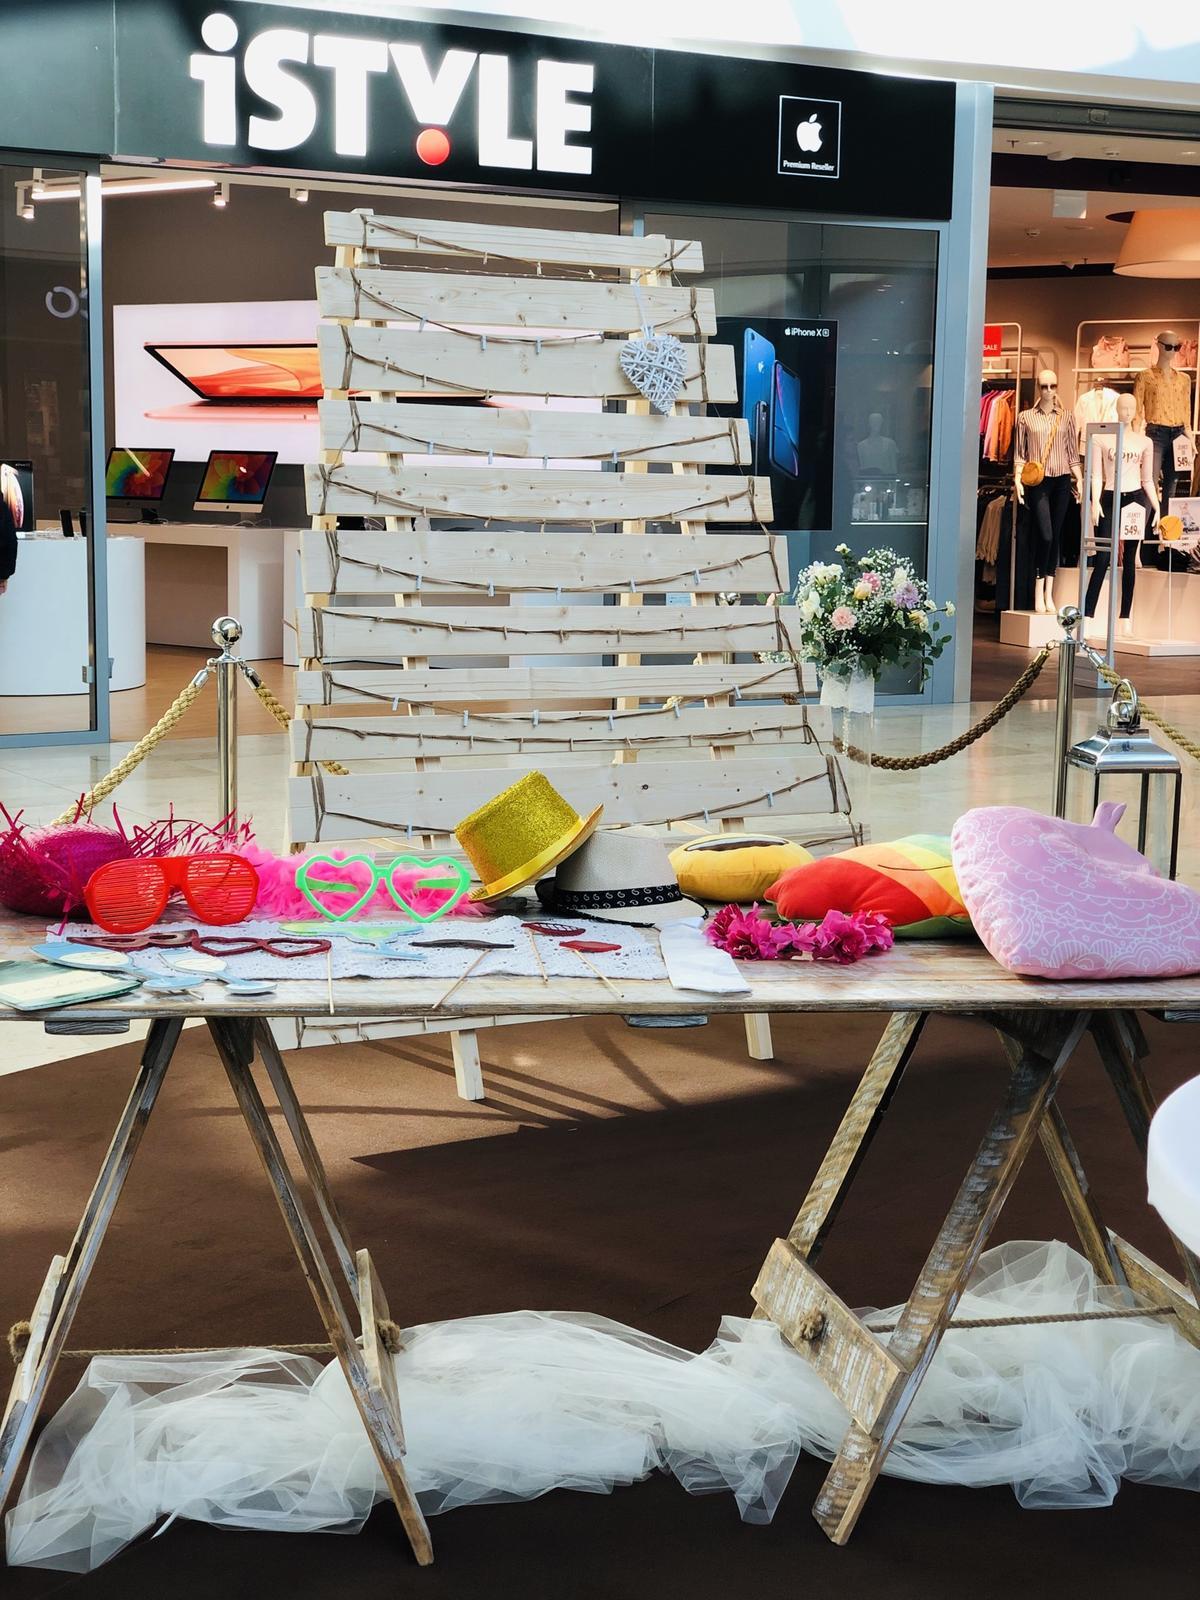 Půjčovna: stolů, lavic, židlí, ubrusů, potahů a dekorací - Obrázek č. 90